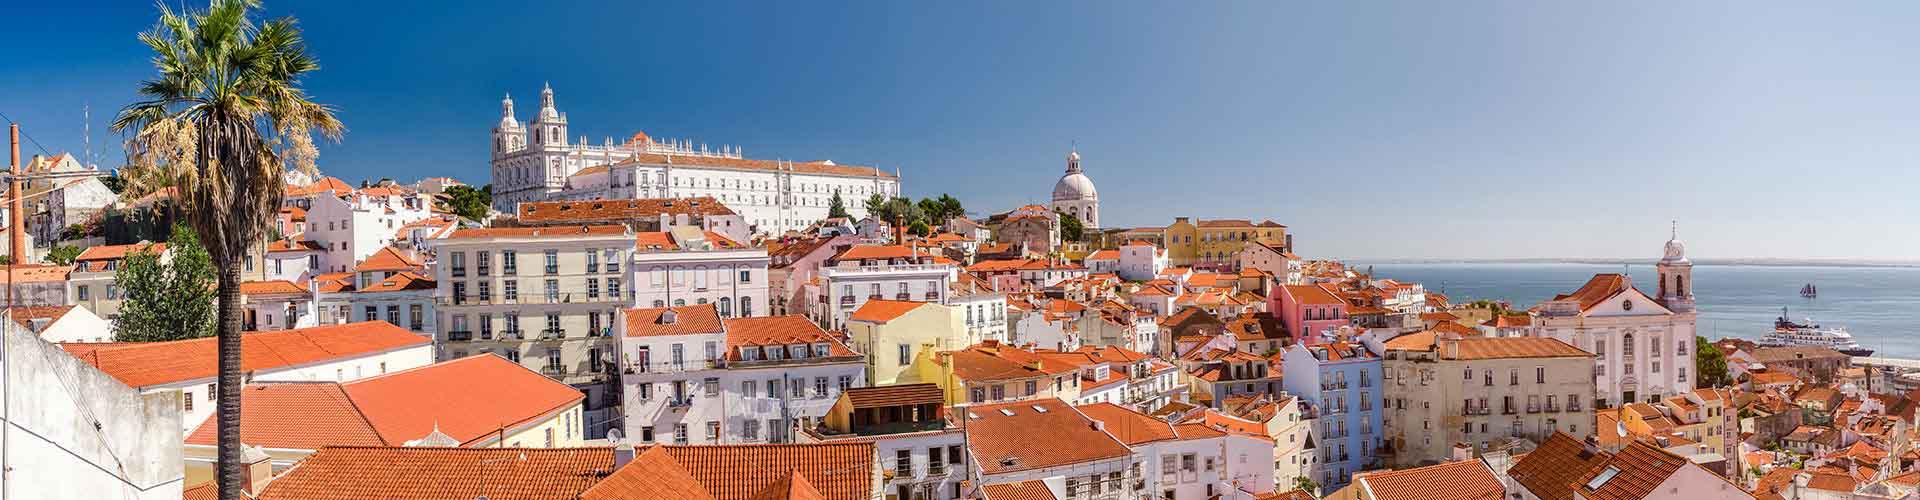 Lissabon – Hostels im Stadtteil Alfama. Lissabon auf der Karte. Fotos und Bewertungen für jedes Hostel in Lissabon.